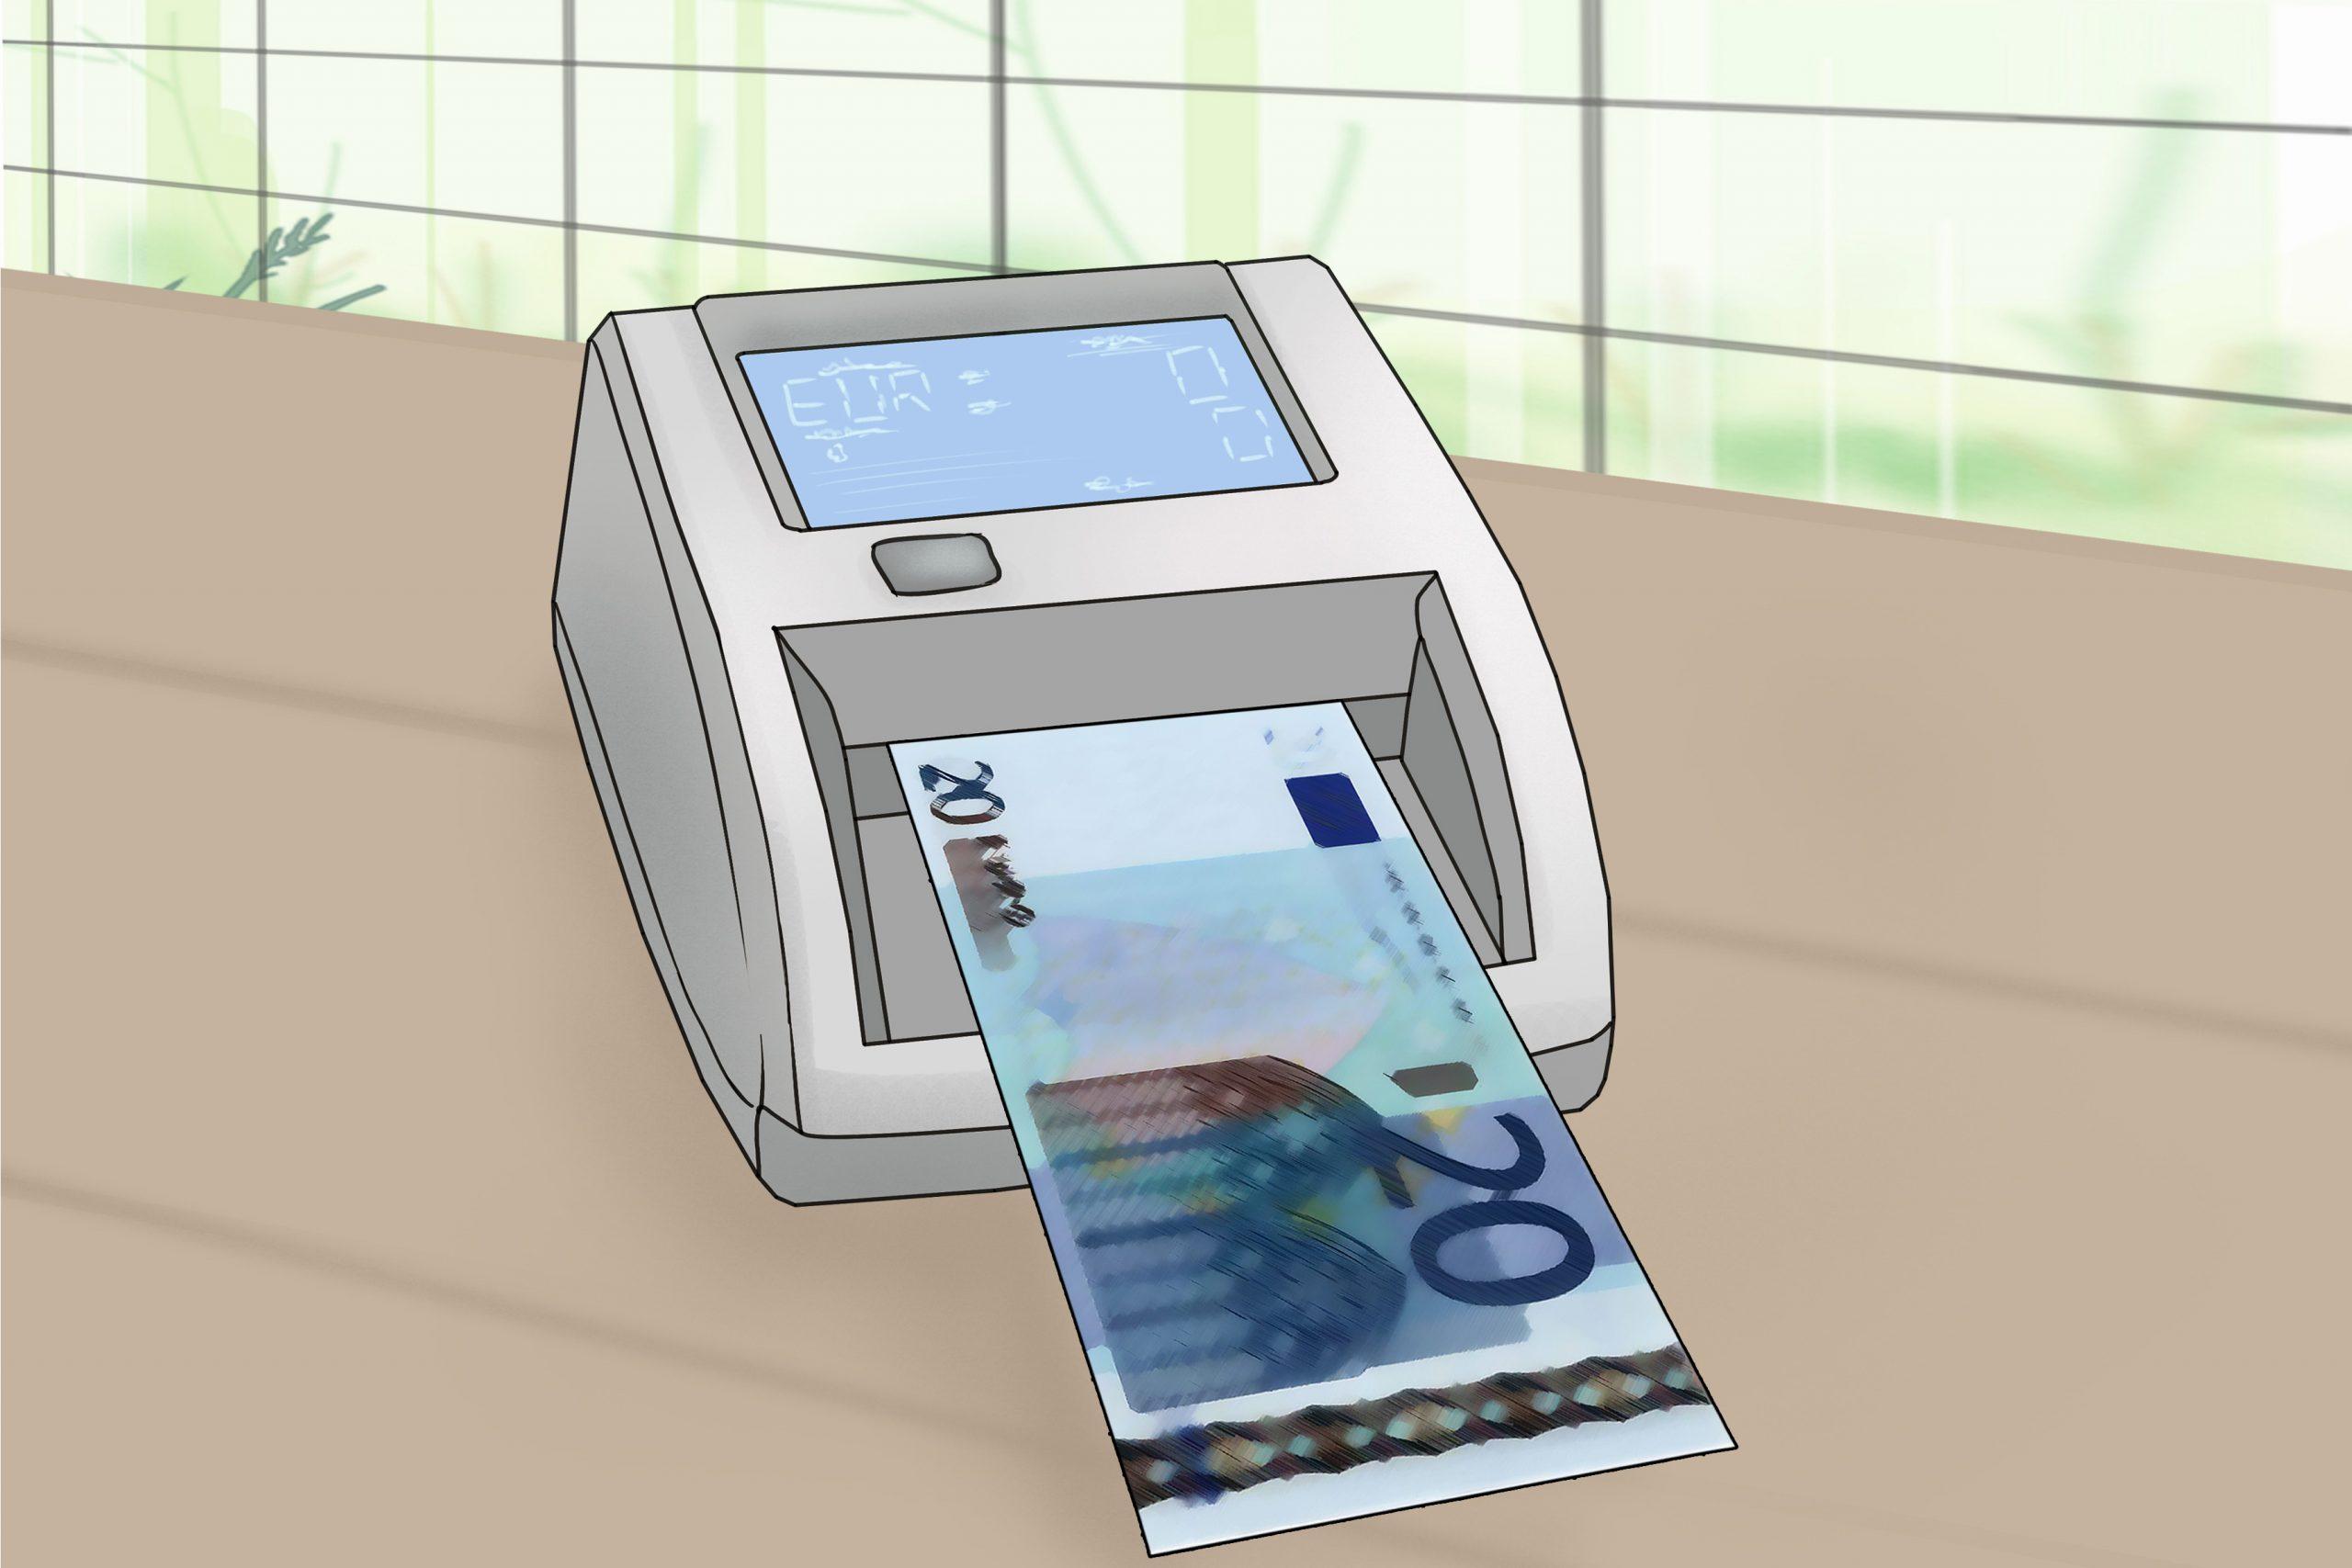 Comment Reconnaître De Faux Billets D'euros: 10 Étapes encequiconcerne Billet De 100 Euros À Imprimer